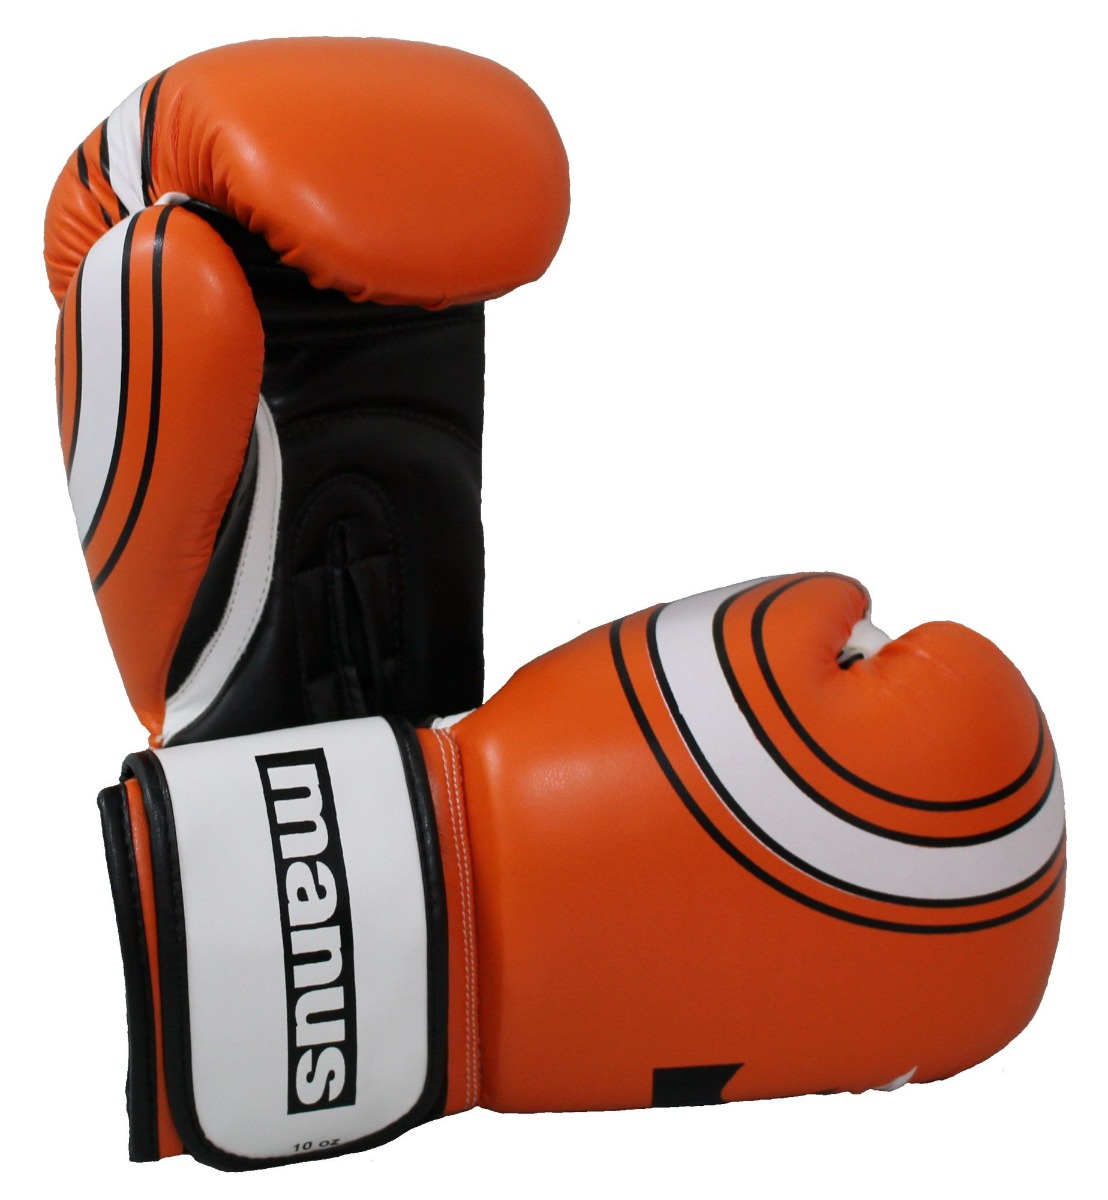 Manus Bokshandschoenen / sparringshandschoenen (Oranje - Wit)